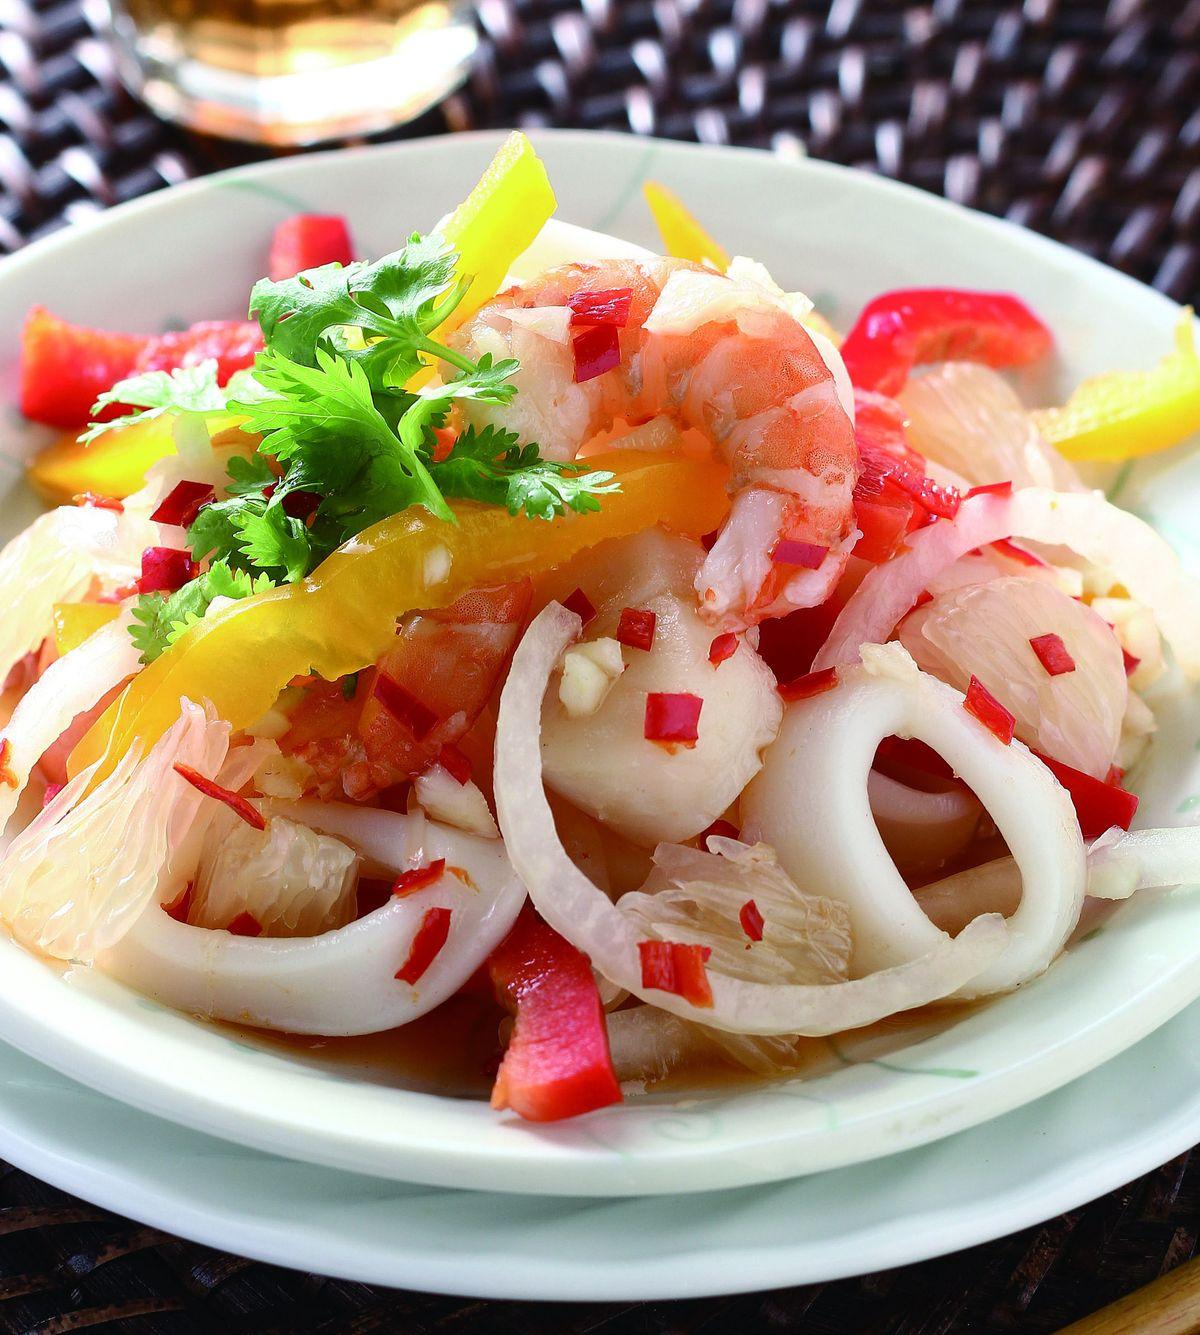 食譜:泰式柚香海鮮